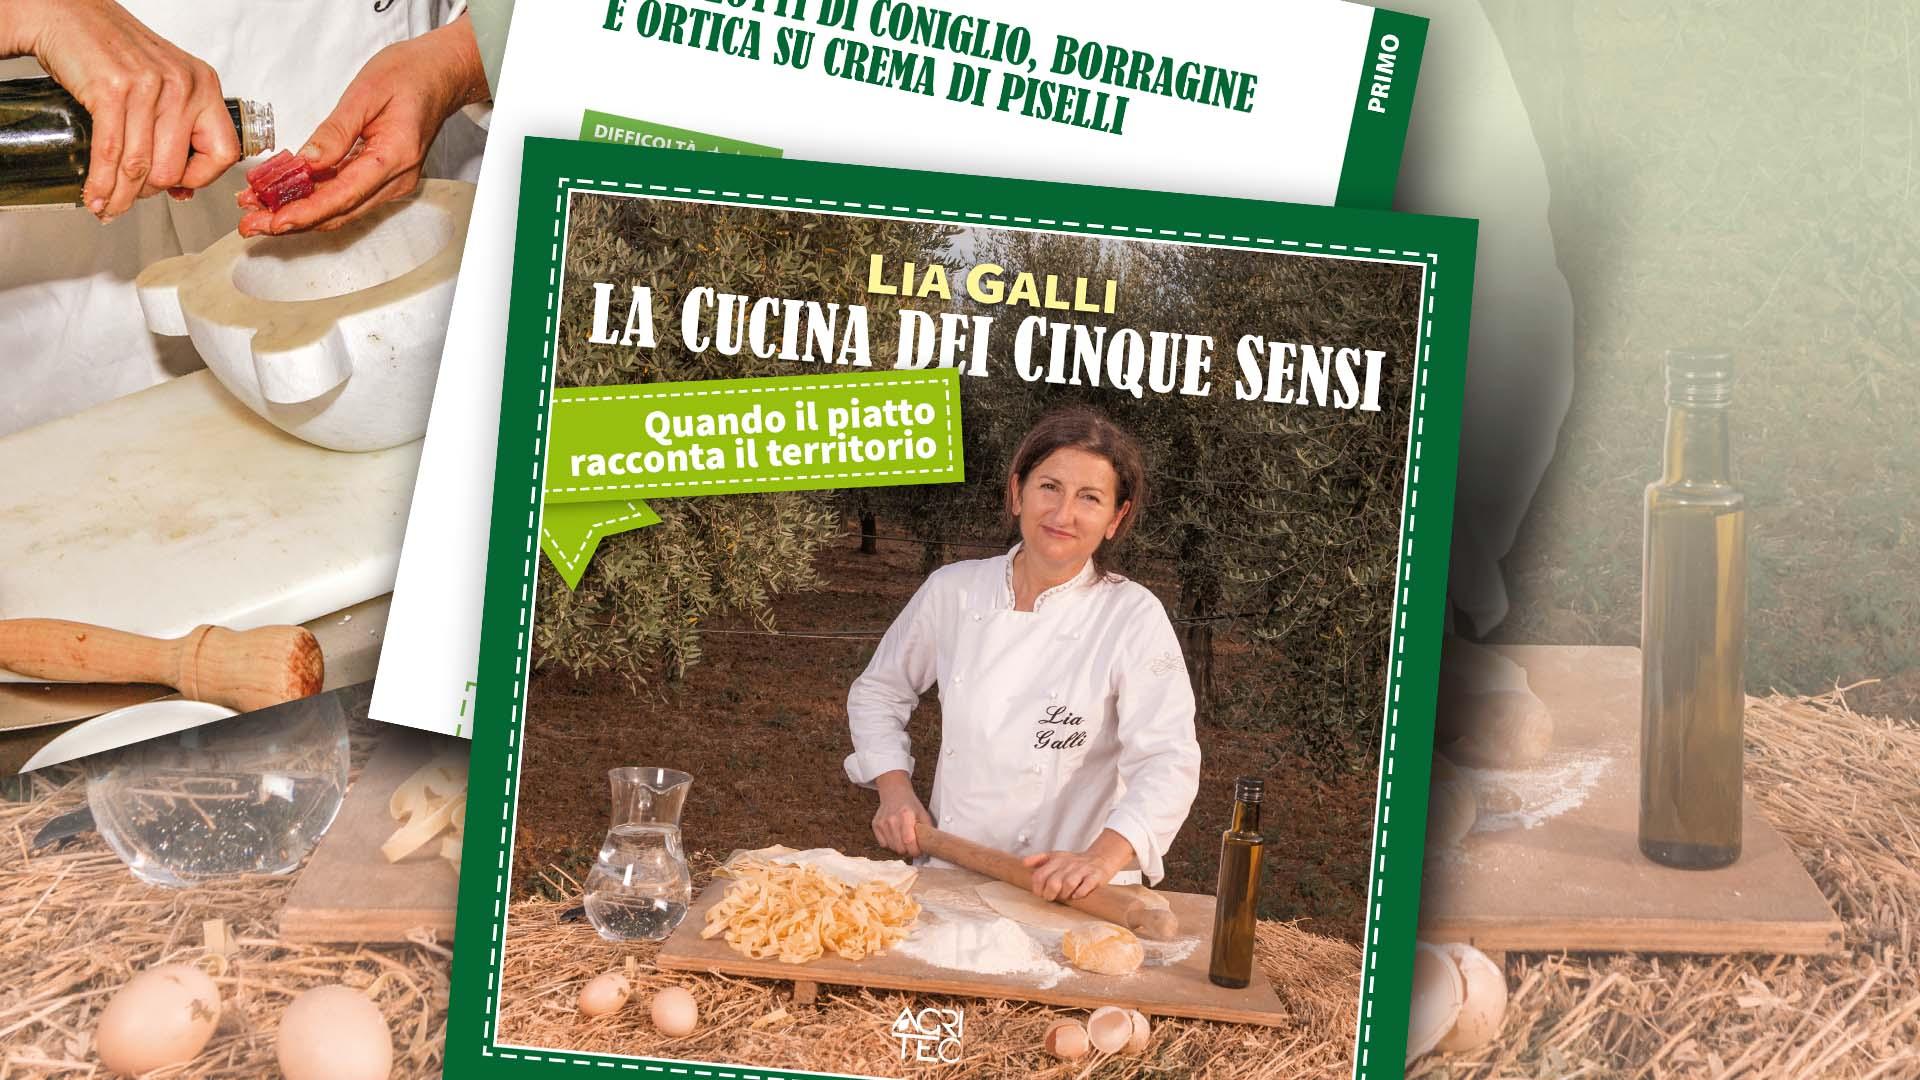 Lia Galli, La cucina dei cinque sensi, apertura